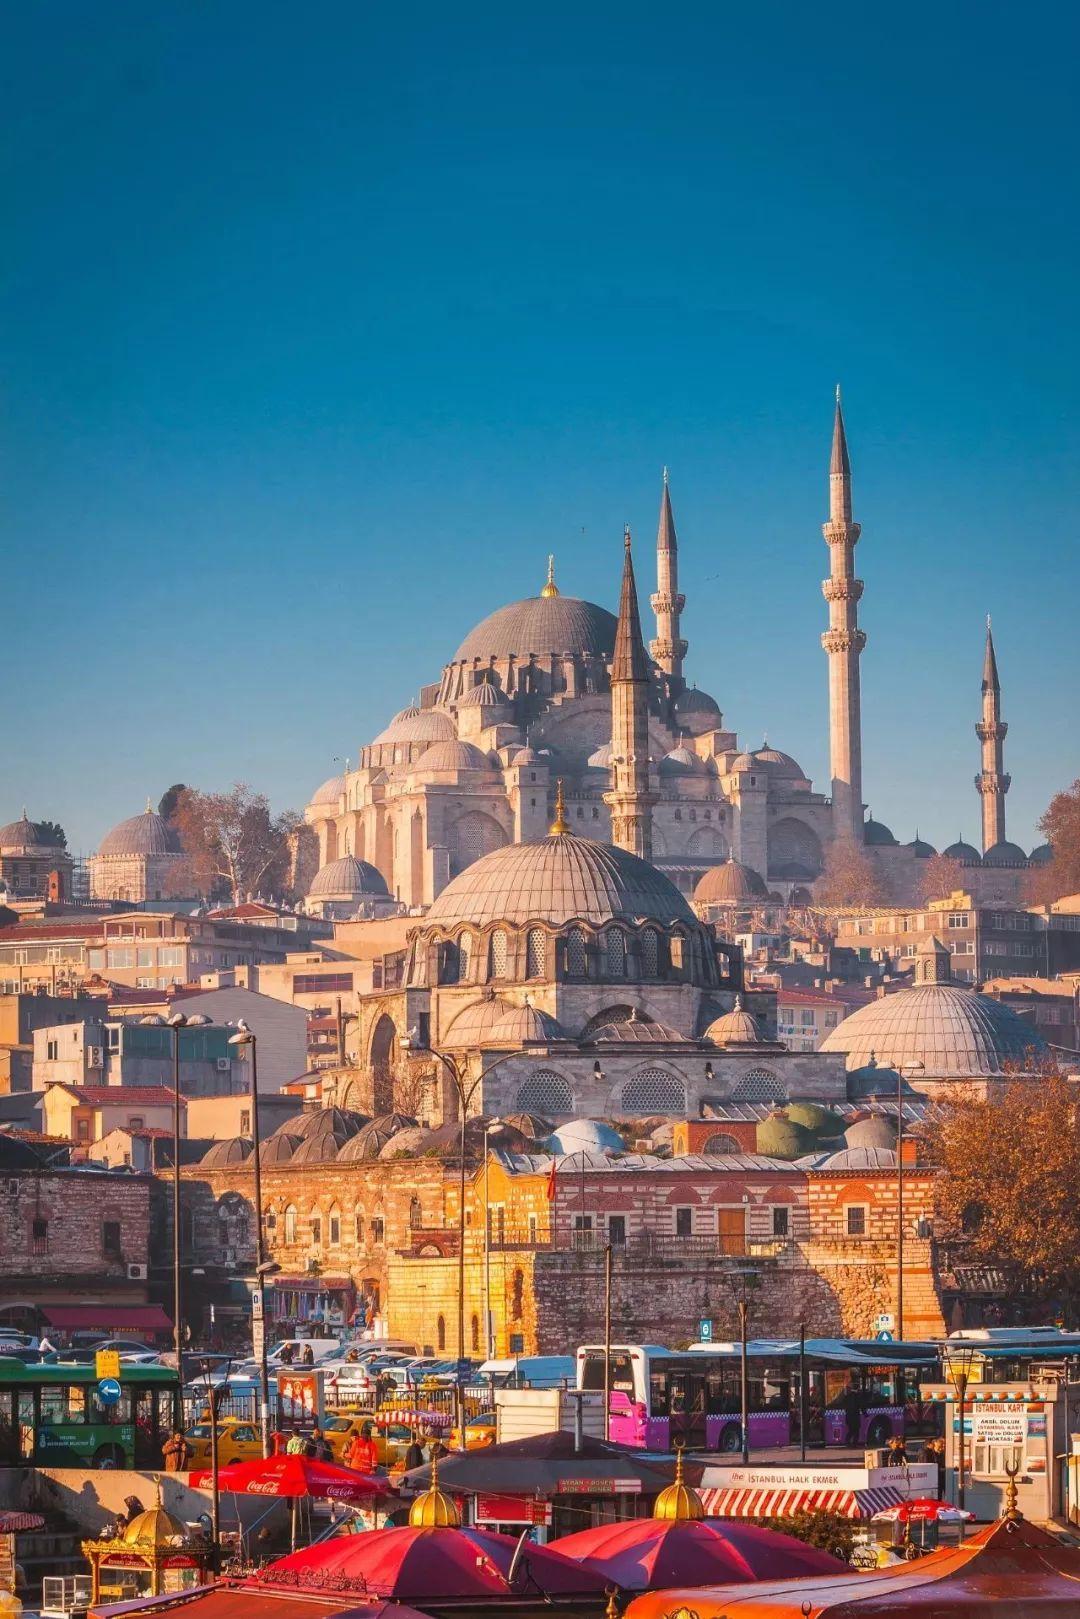 """""""浪漫土耳其""""基本已经没有羊毛可薅了,但这里依然浪漫"""